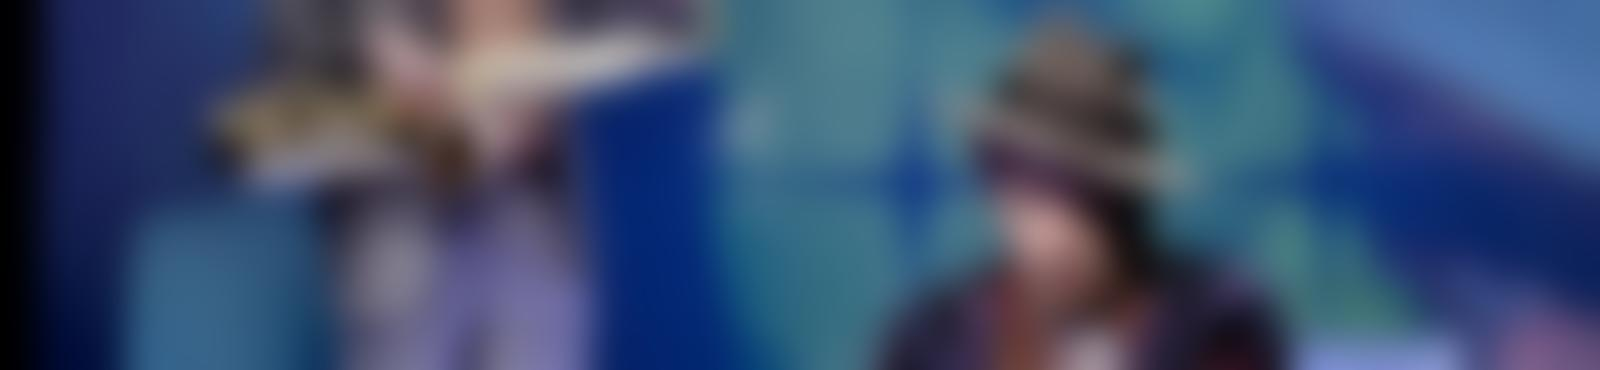 Blurred baa7cf83 8162 4dab 8ac3 9c877da451ea